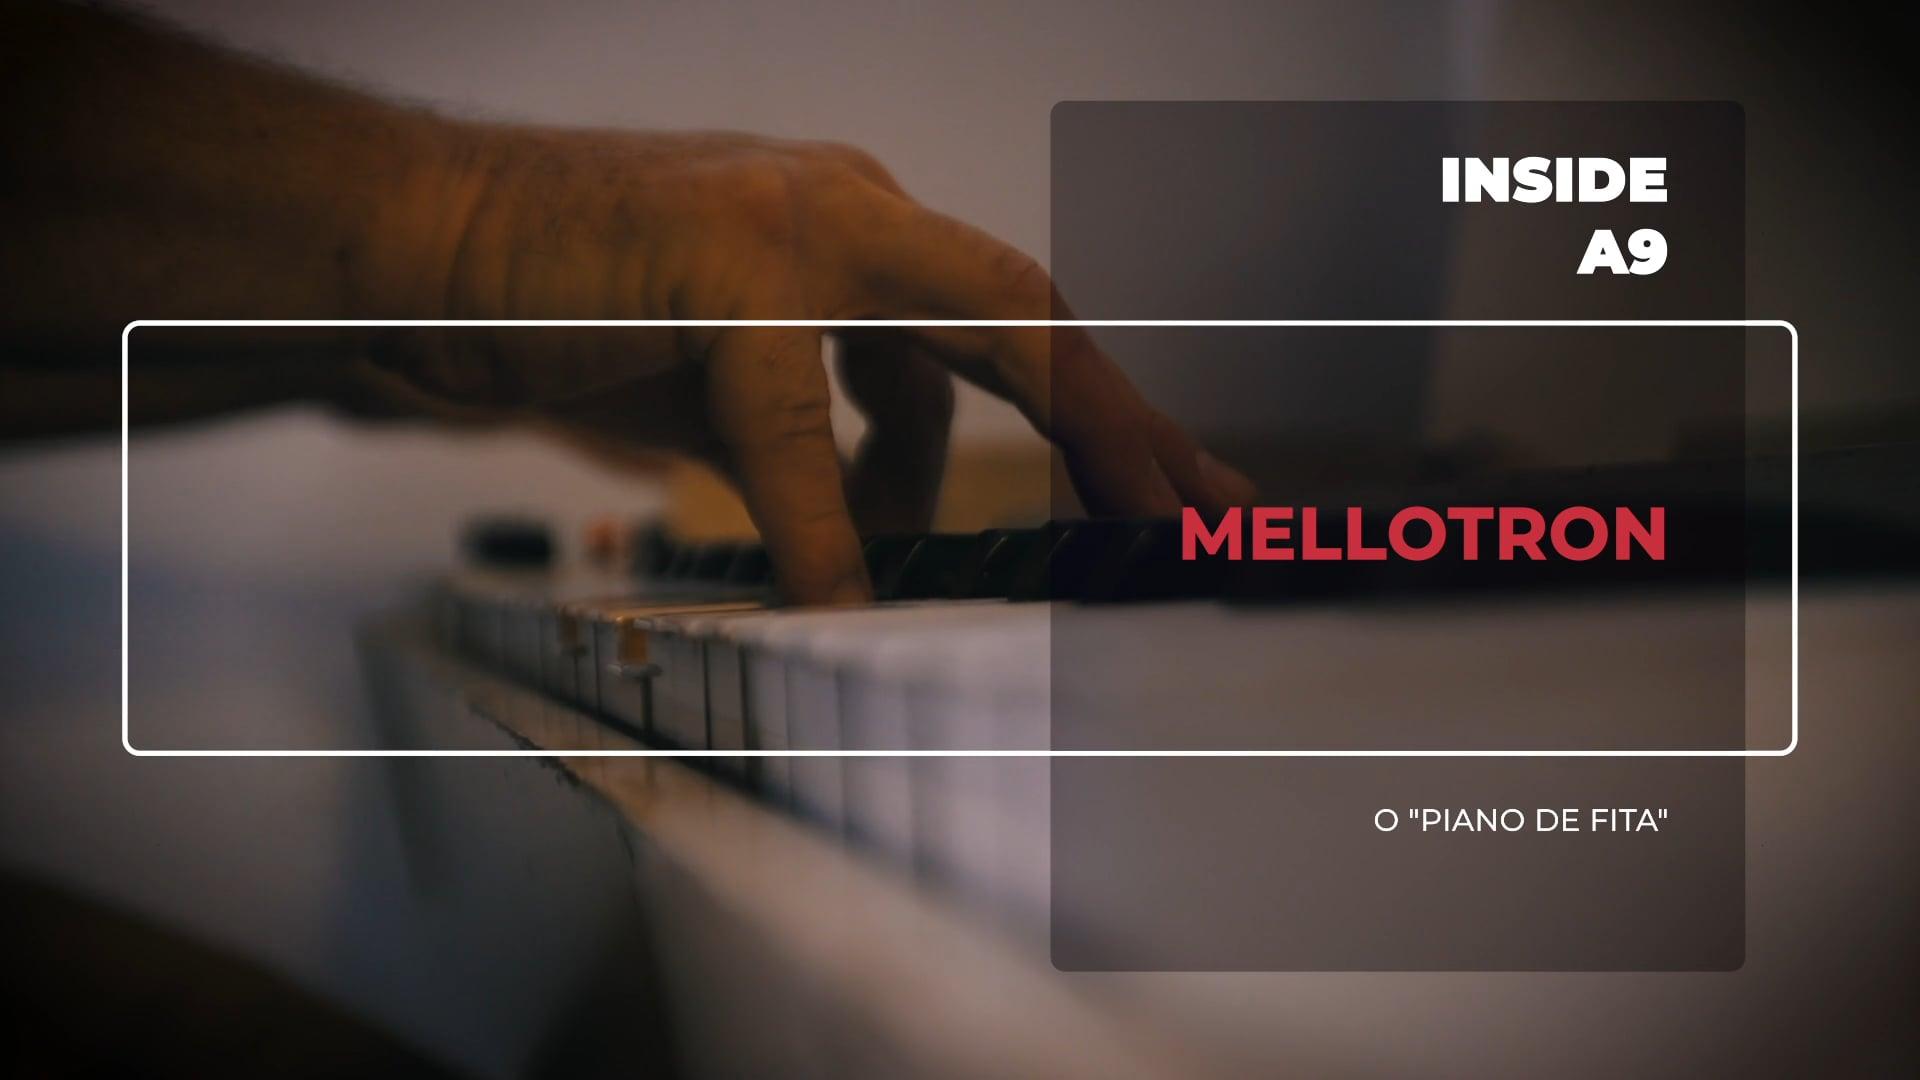 Inside A9 | Mellotron